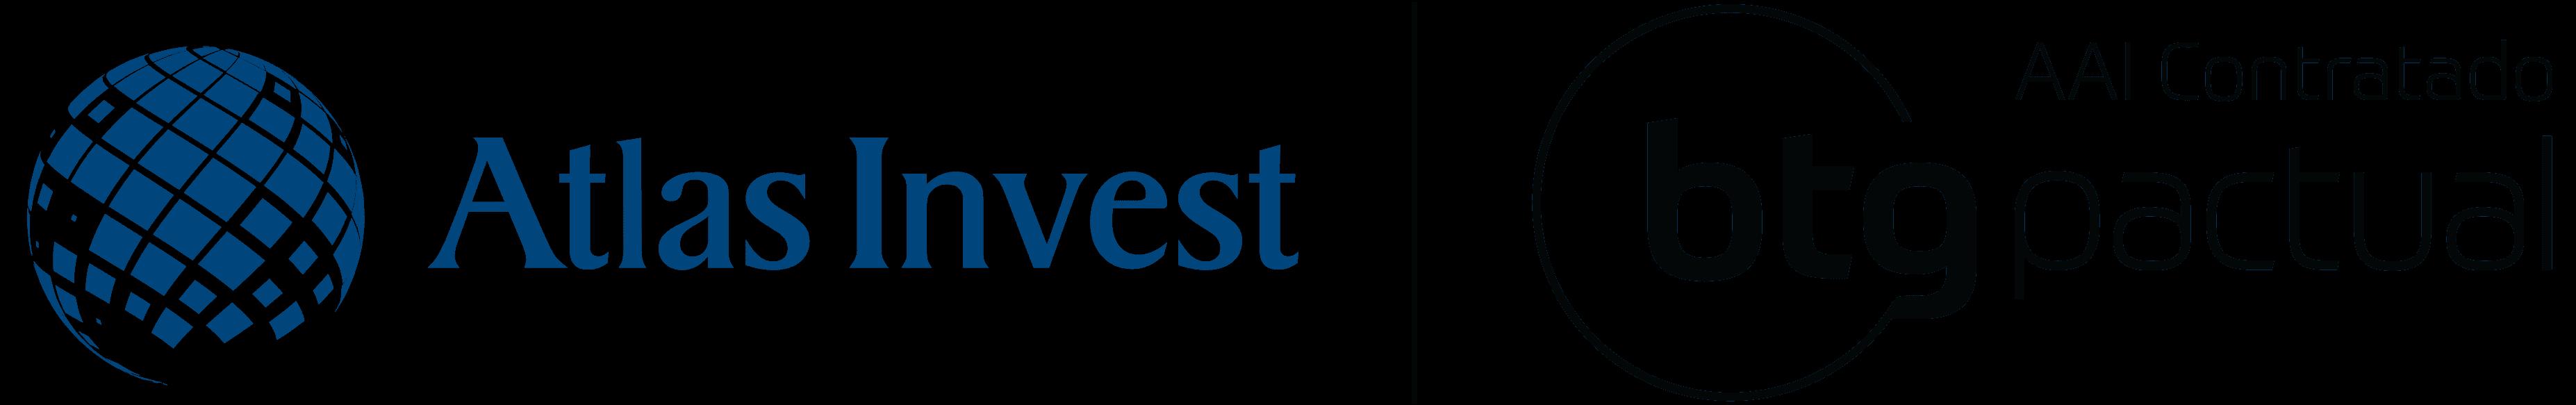 Atlas Invest